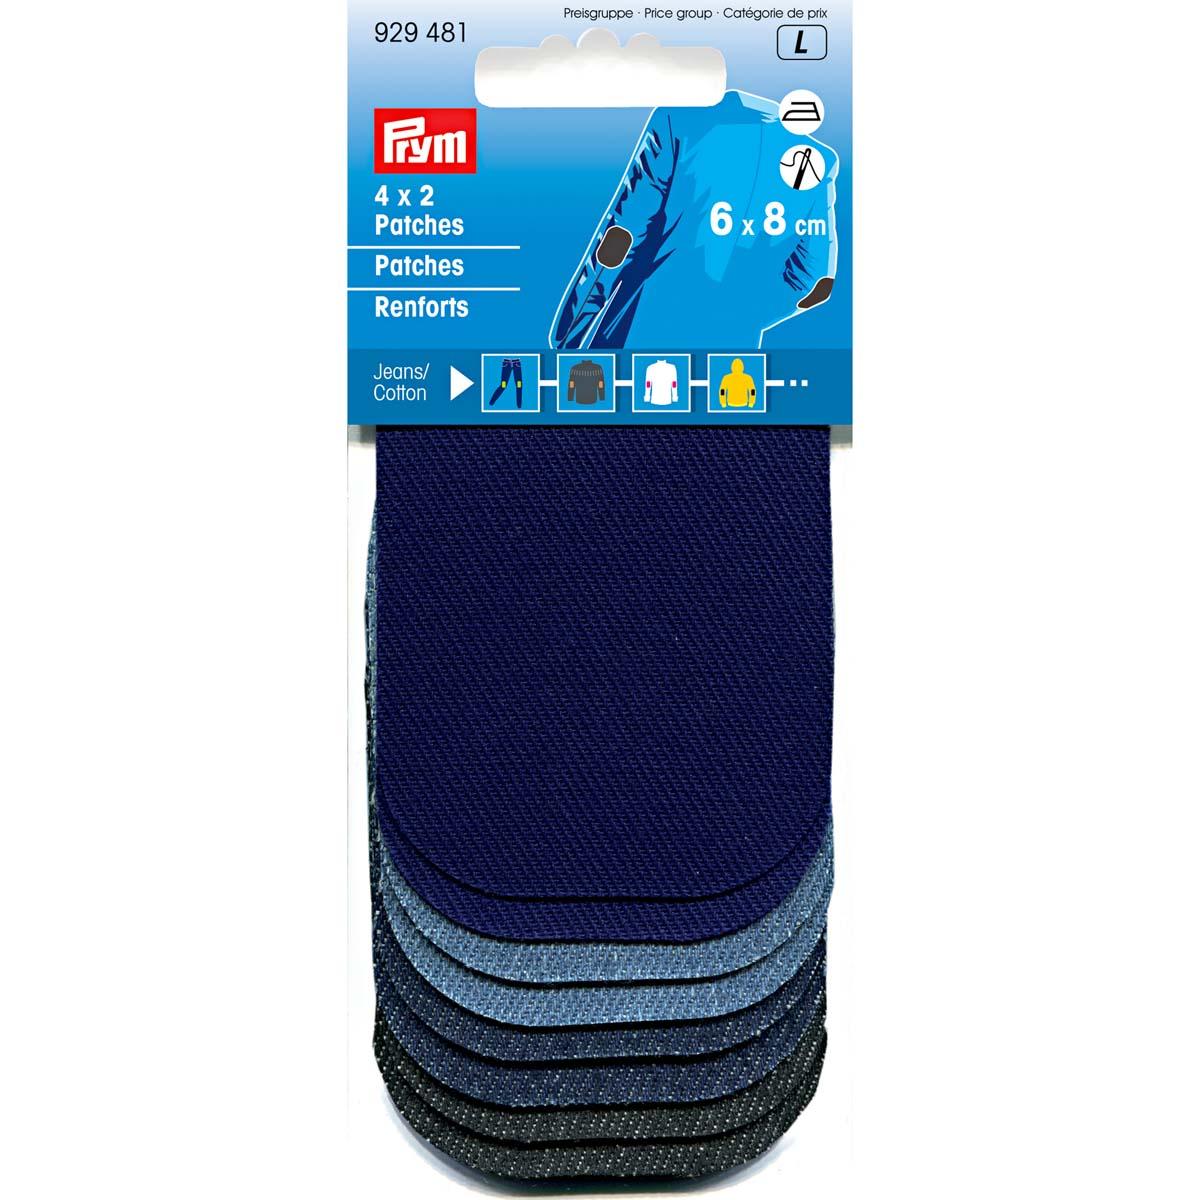 929481 Заплатки Mini джинс, хлопок 8*6см Prym